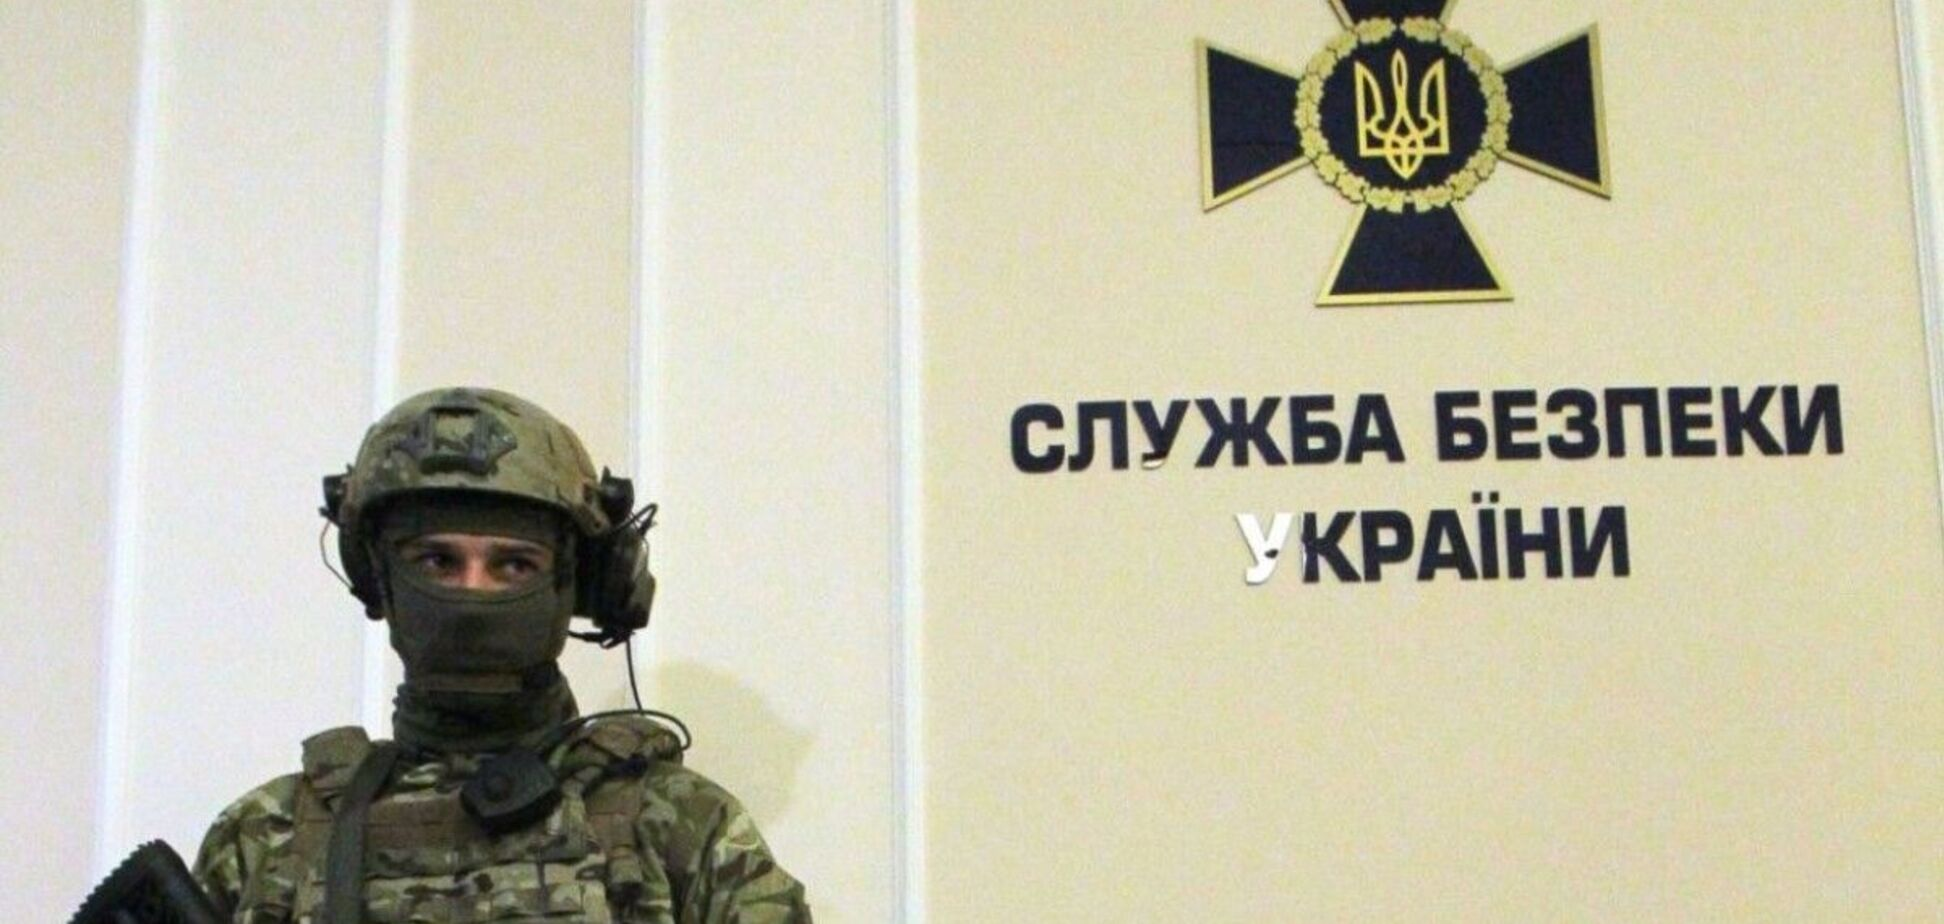 СБУ затримала терориста під час спроби здійснити диверсію